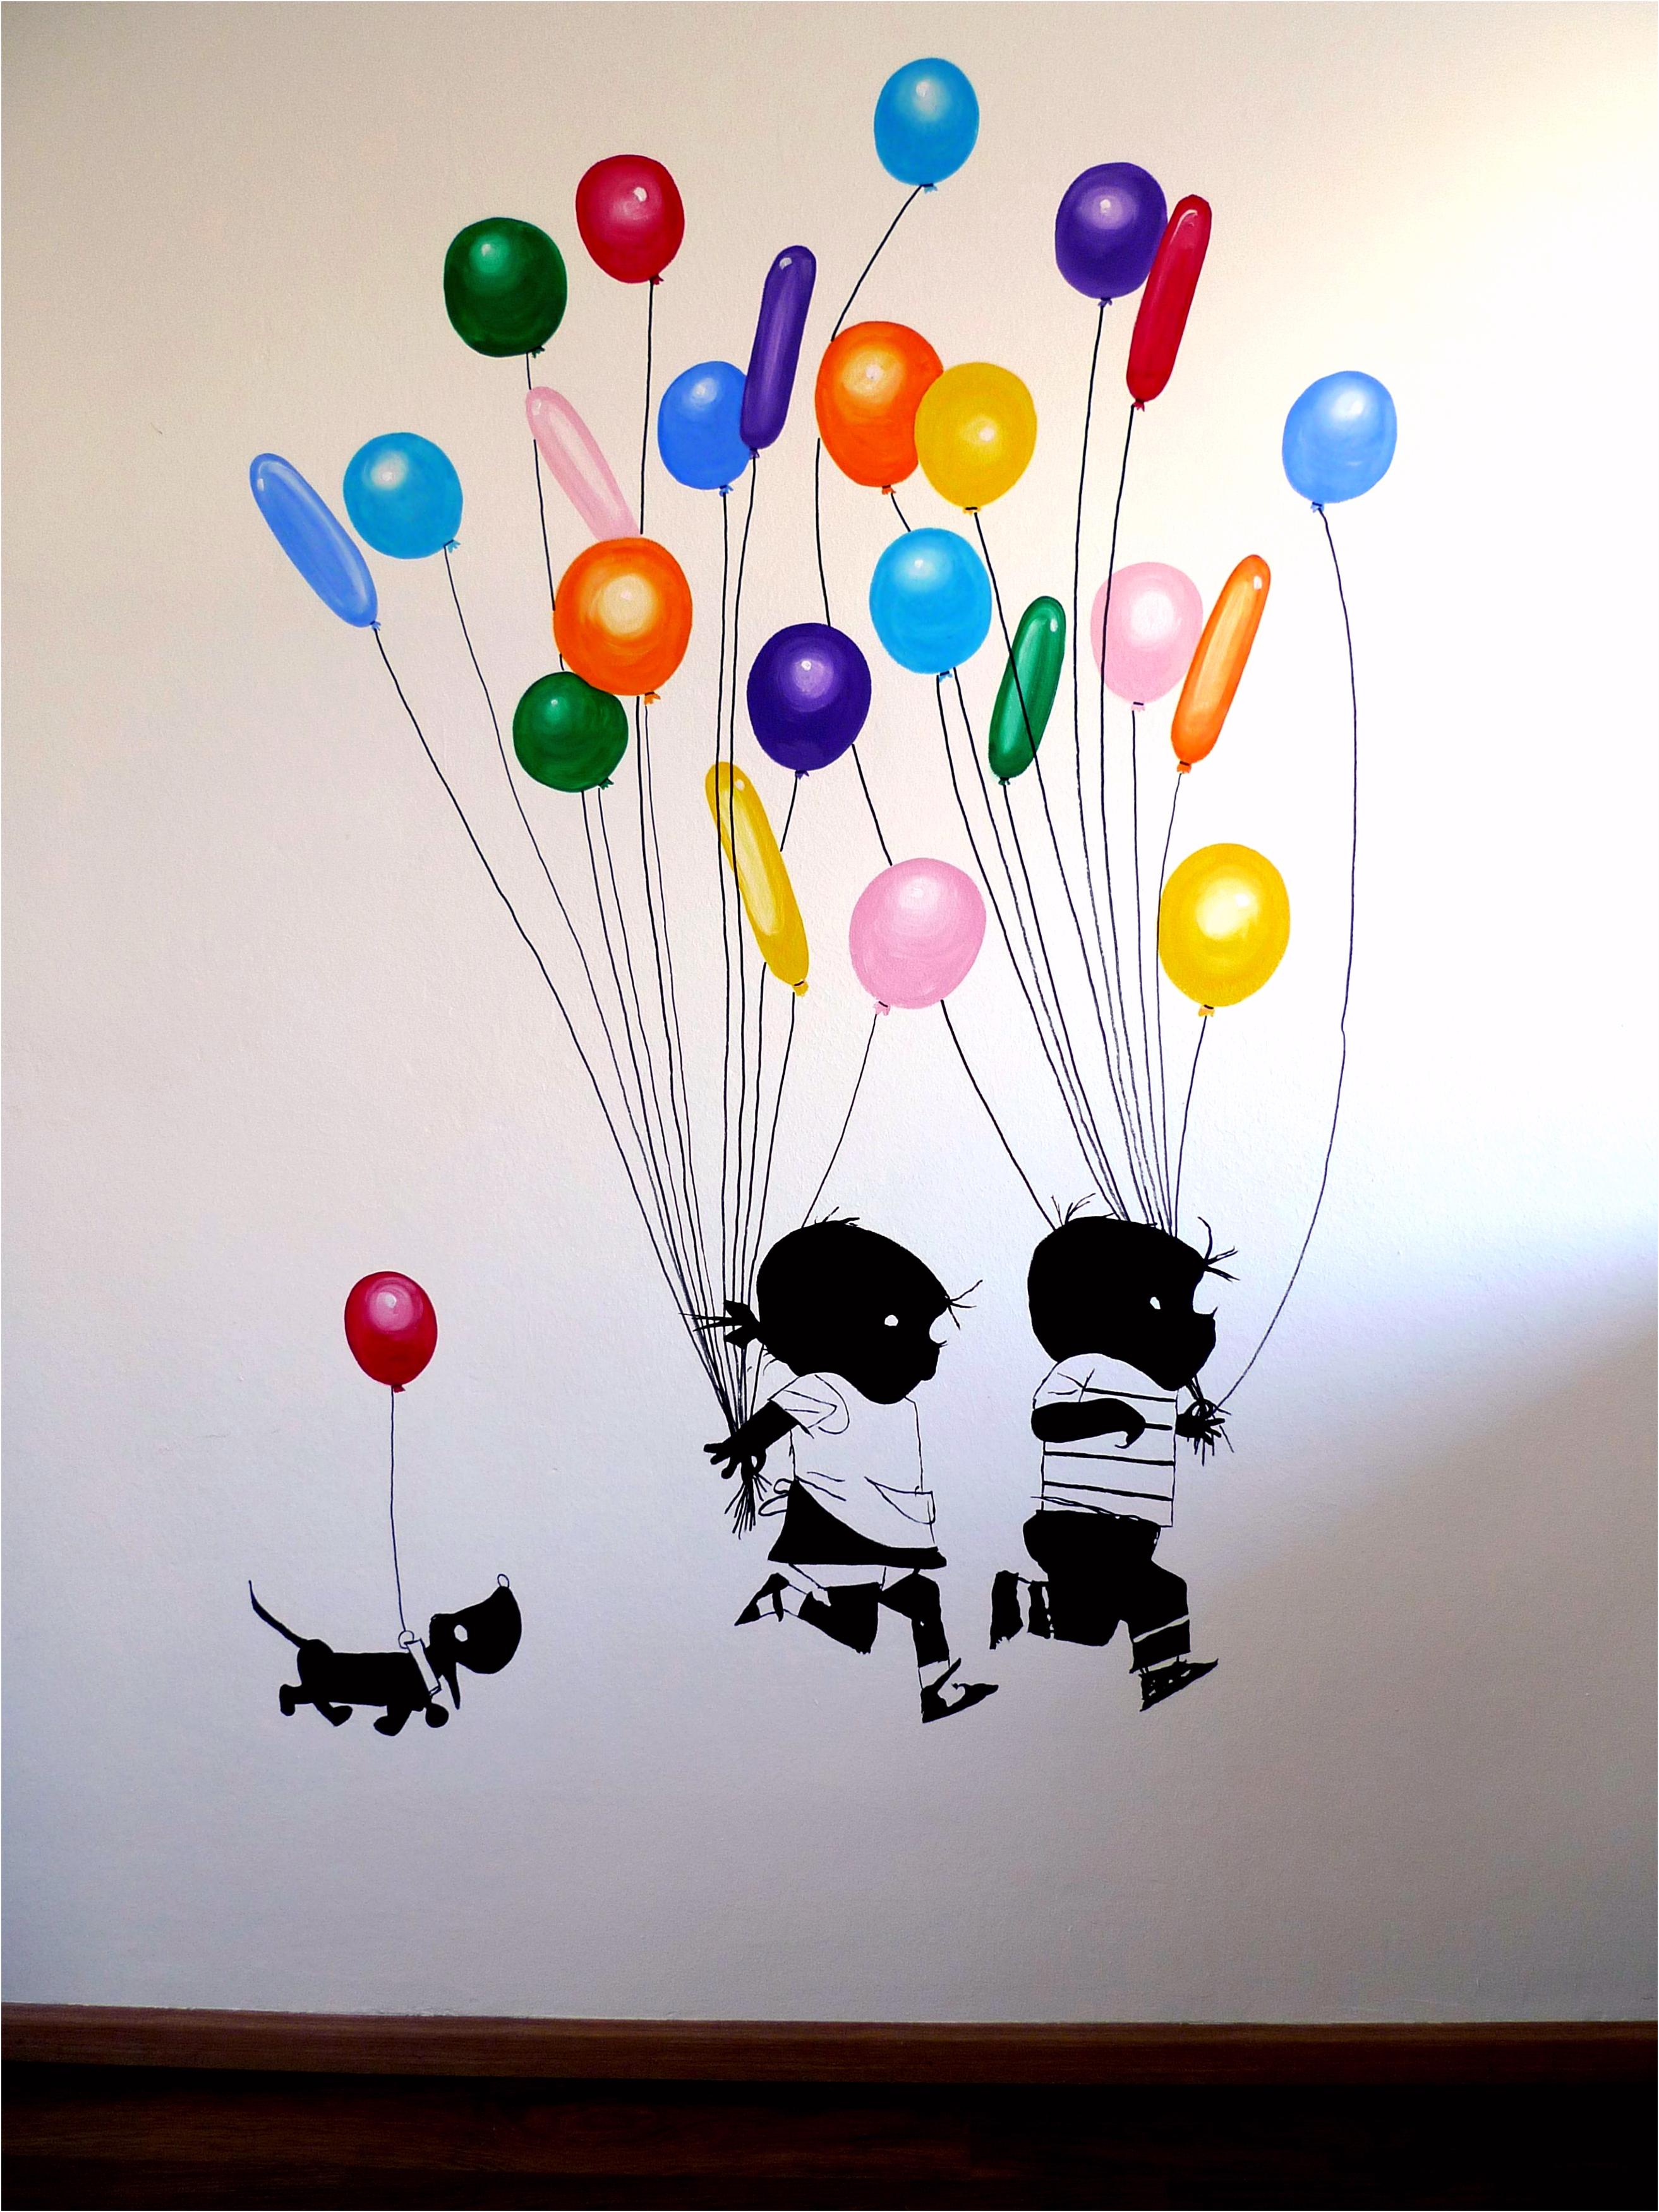 fiep westendorp Jip en Janneke muurschildering ballonnen